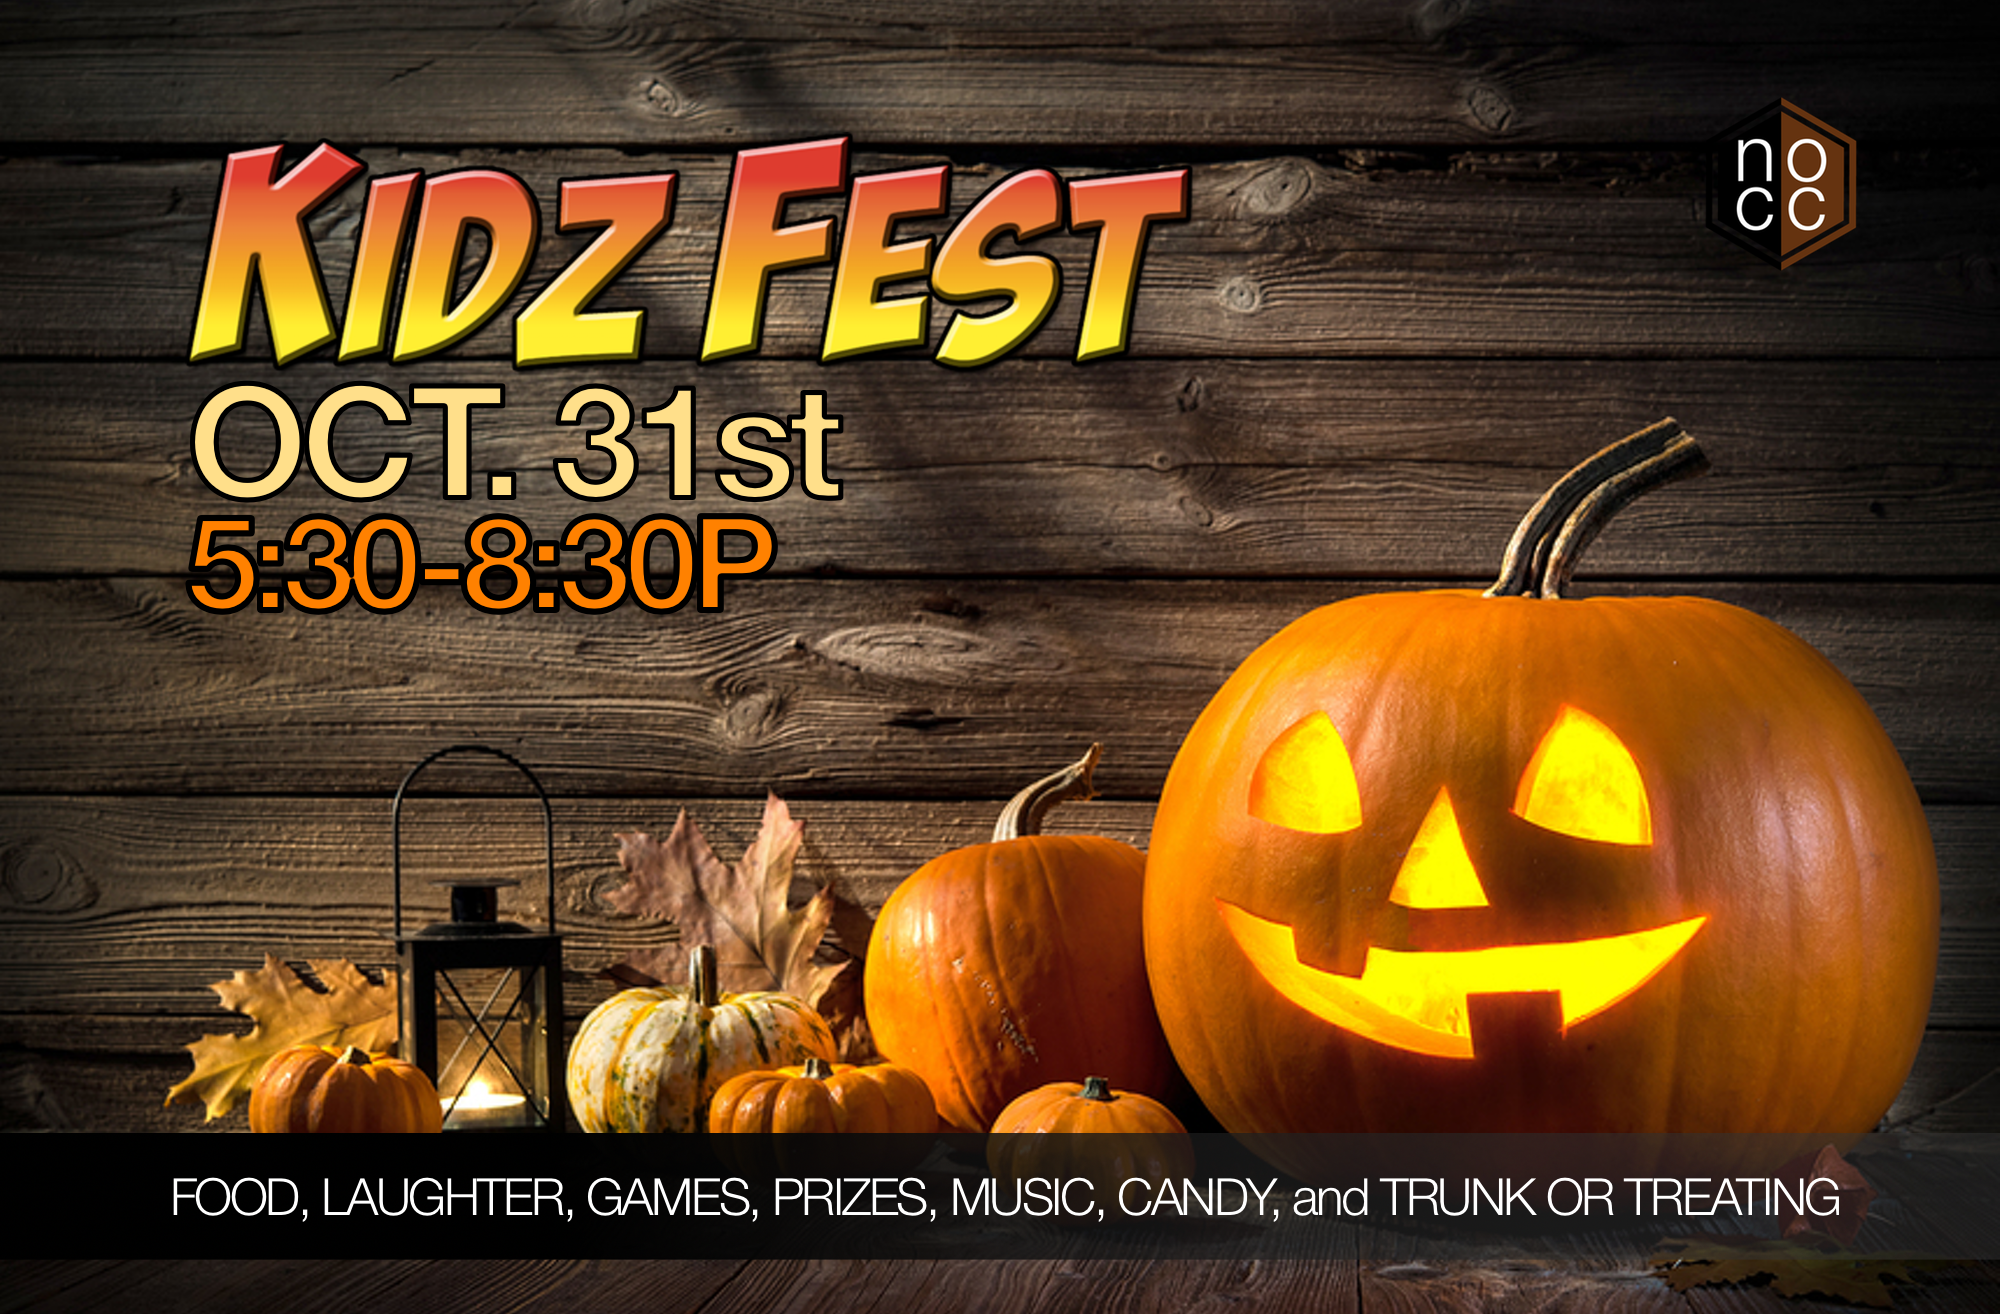 kidzfest website banner FINAL.png